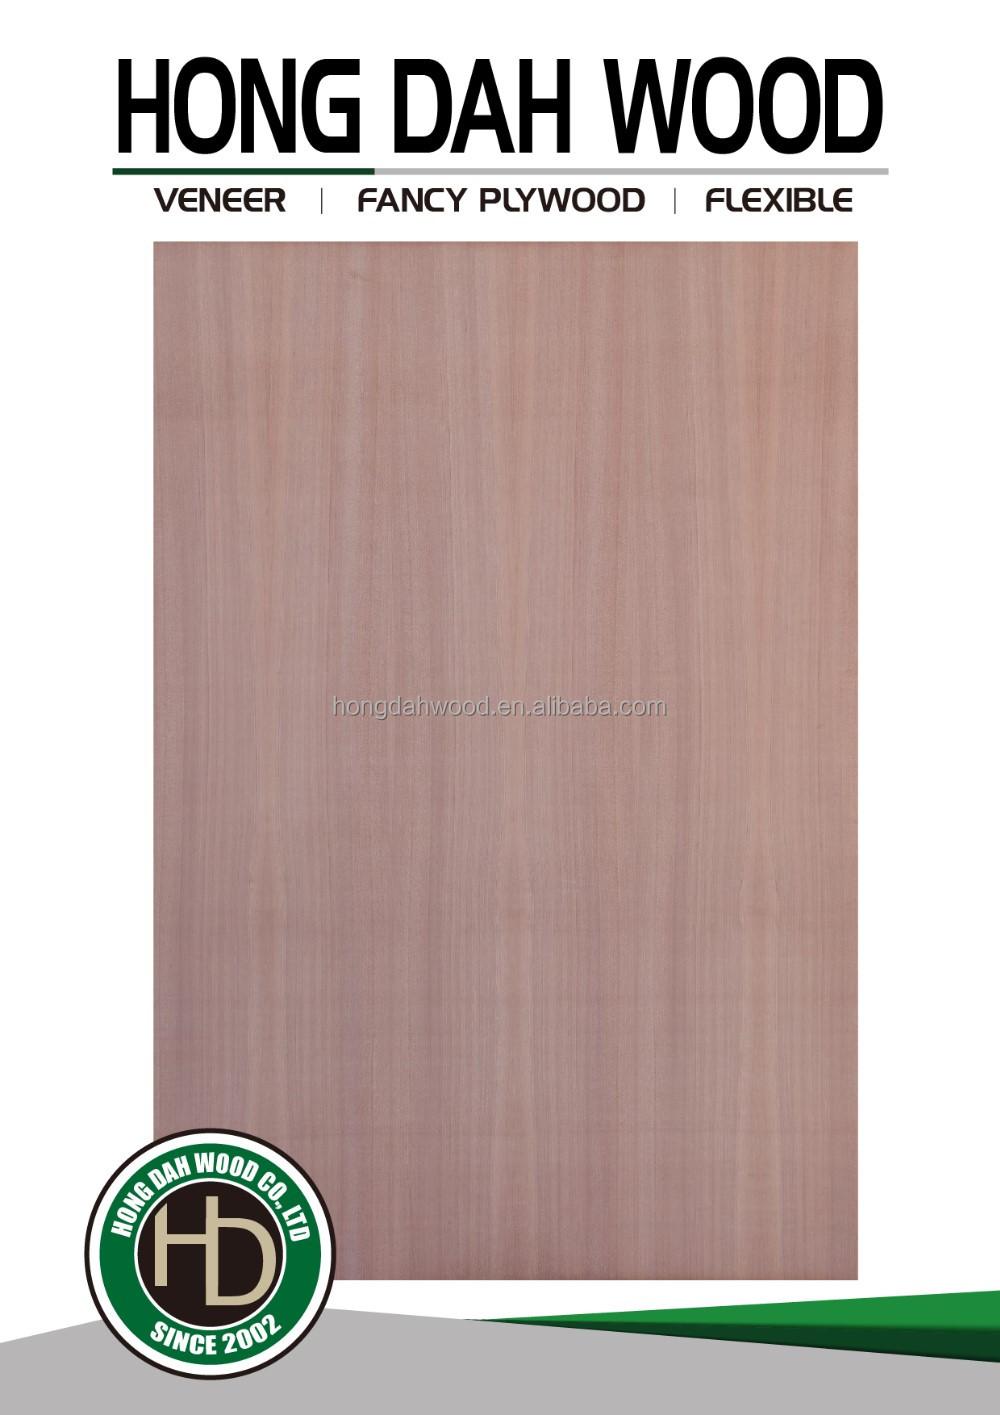 placage de ch ne panneau mural fantaisie contreplaqu usine prix bois lamell id de produit. Black Bedroom Furniture Sets. Home Design Ideas